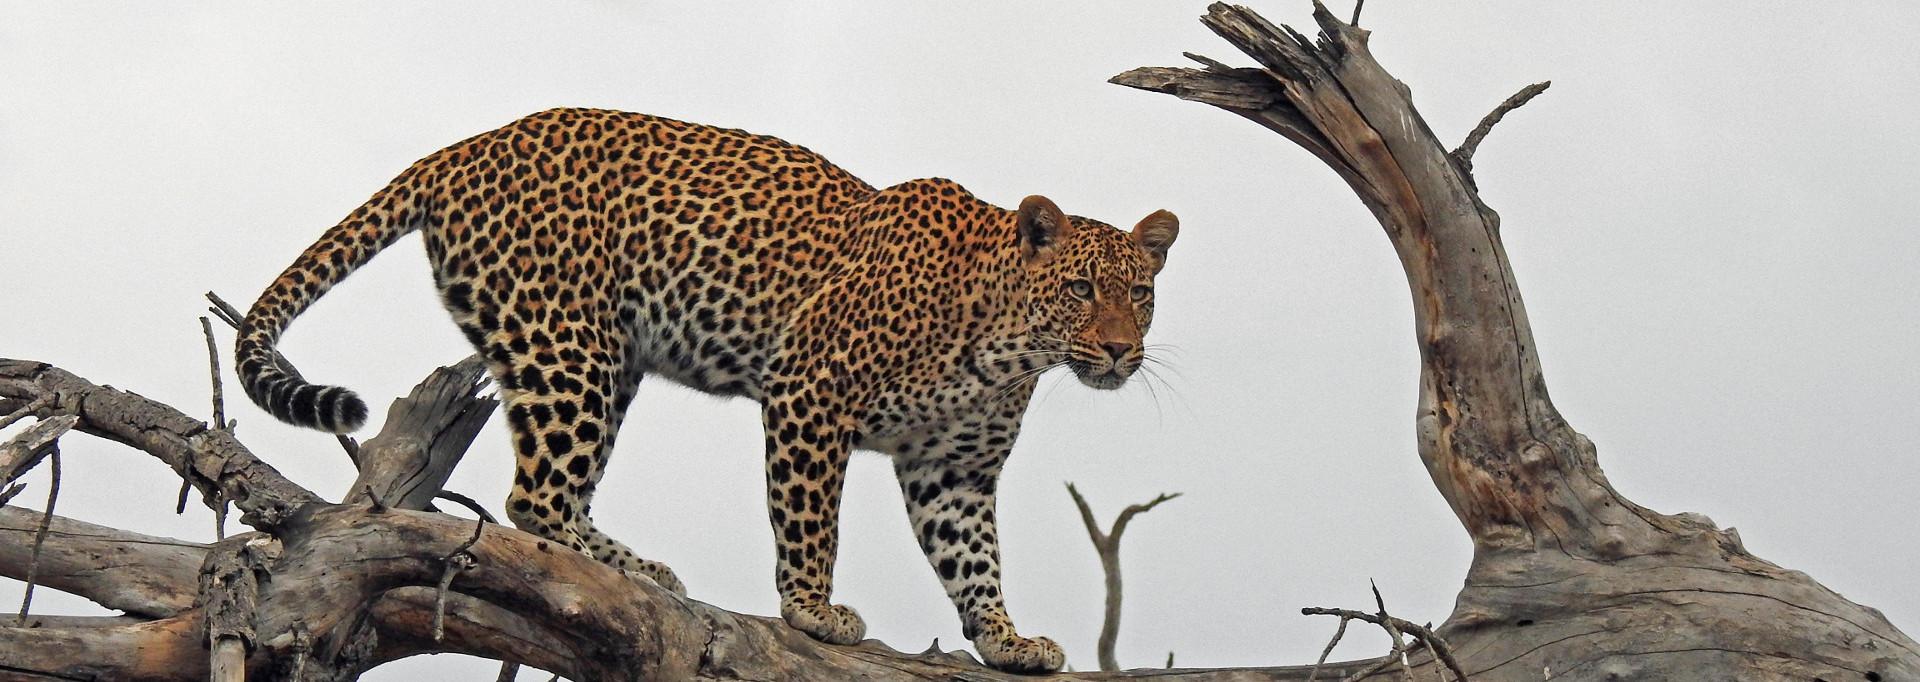 Leopard_DSCN3860_1920x682